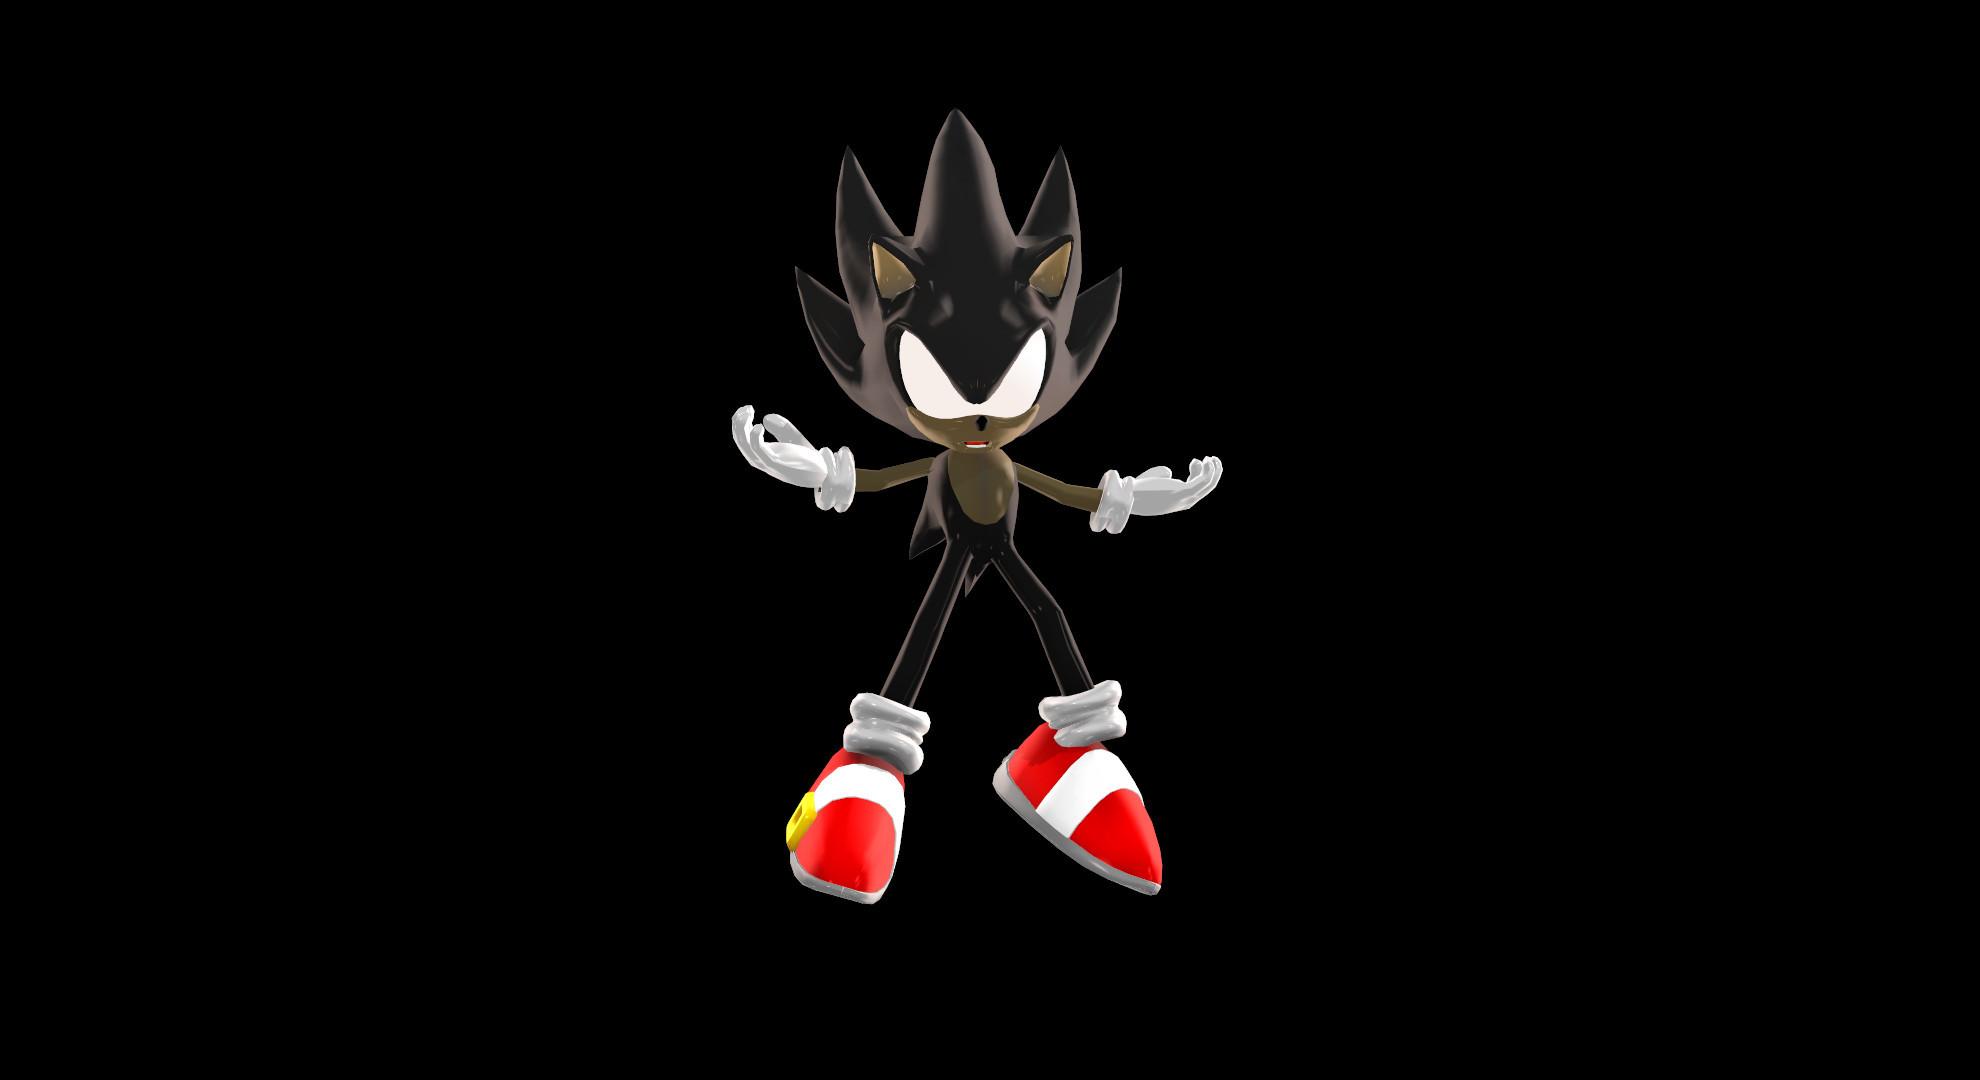 Go Back > Images For > Dark Sonic Wallpaper